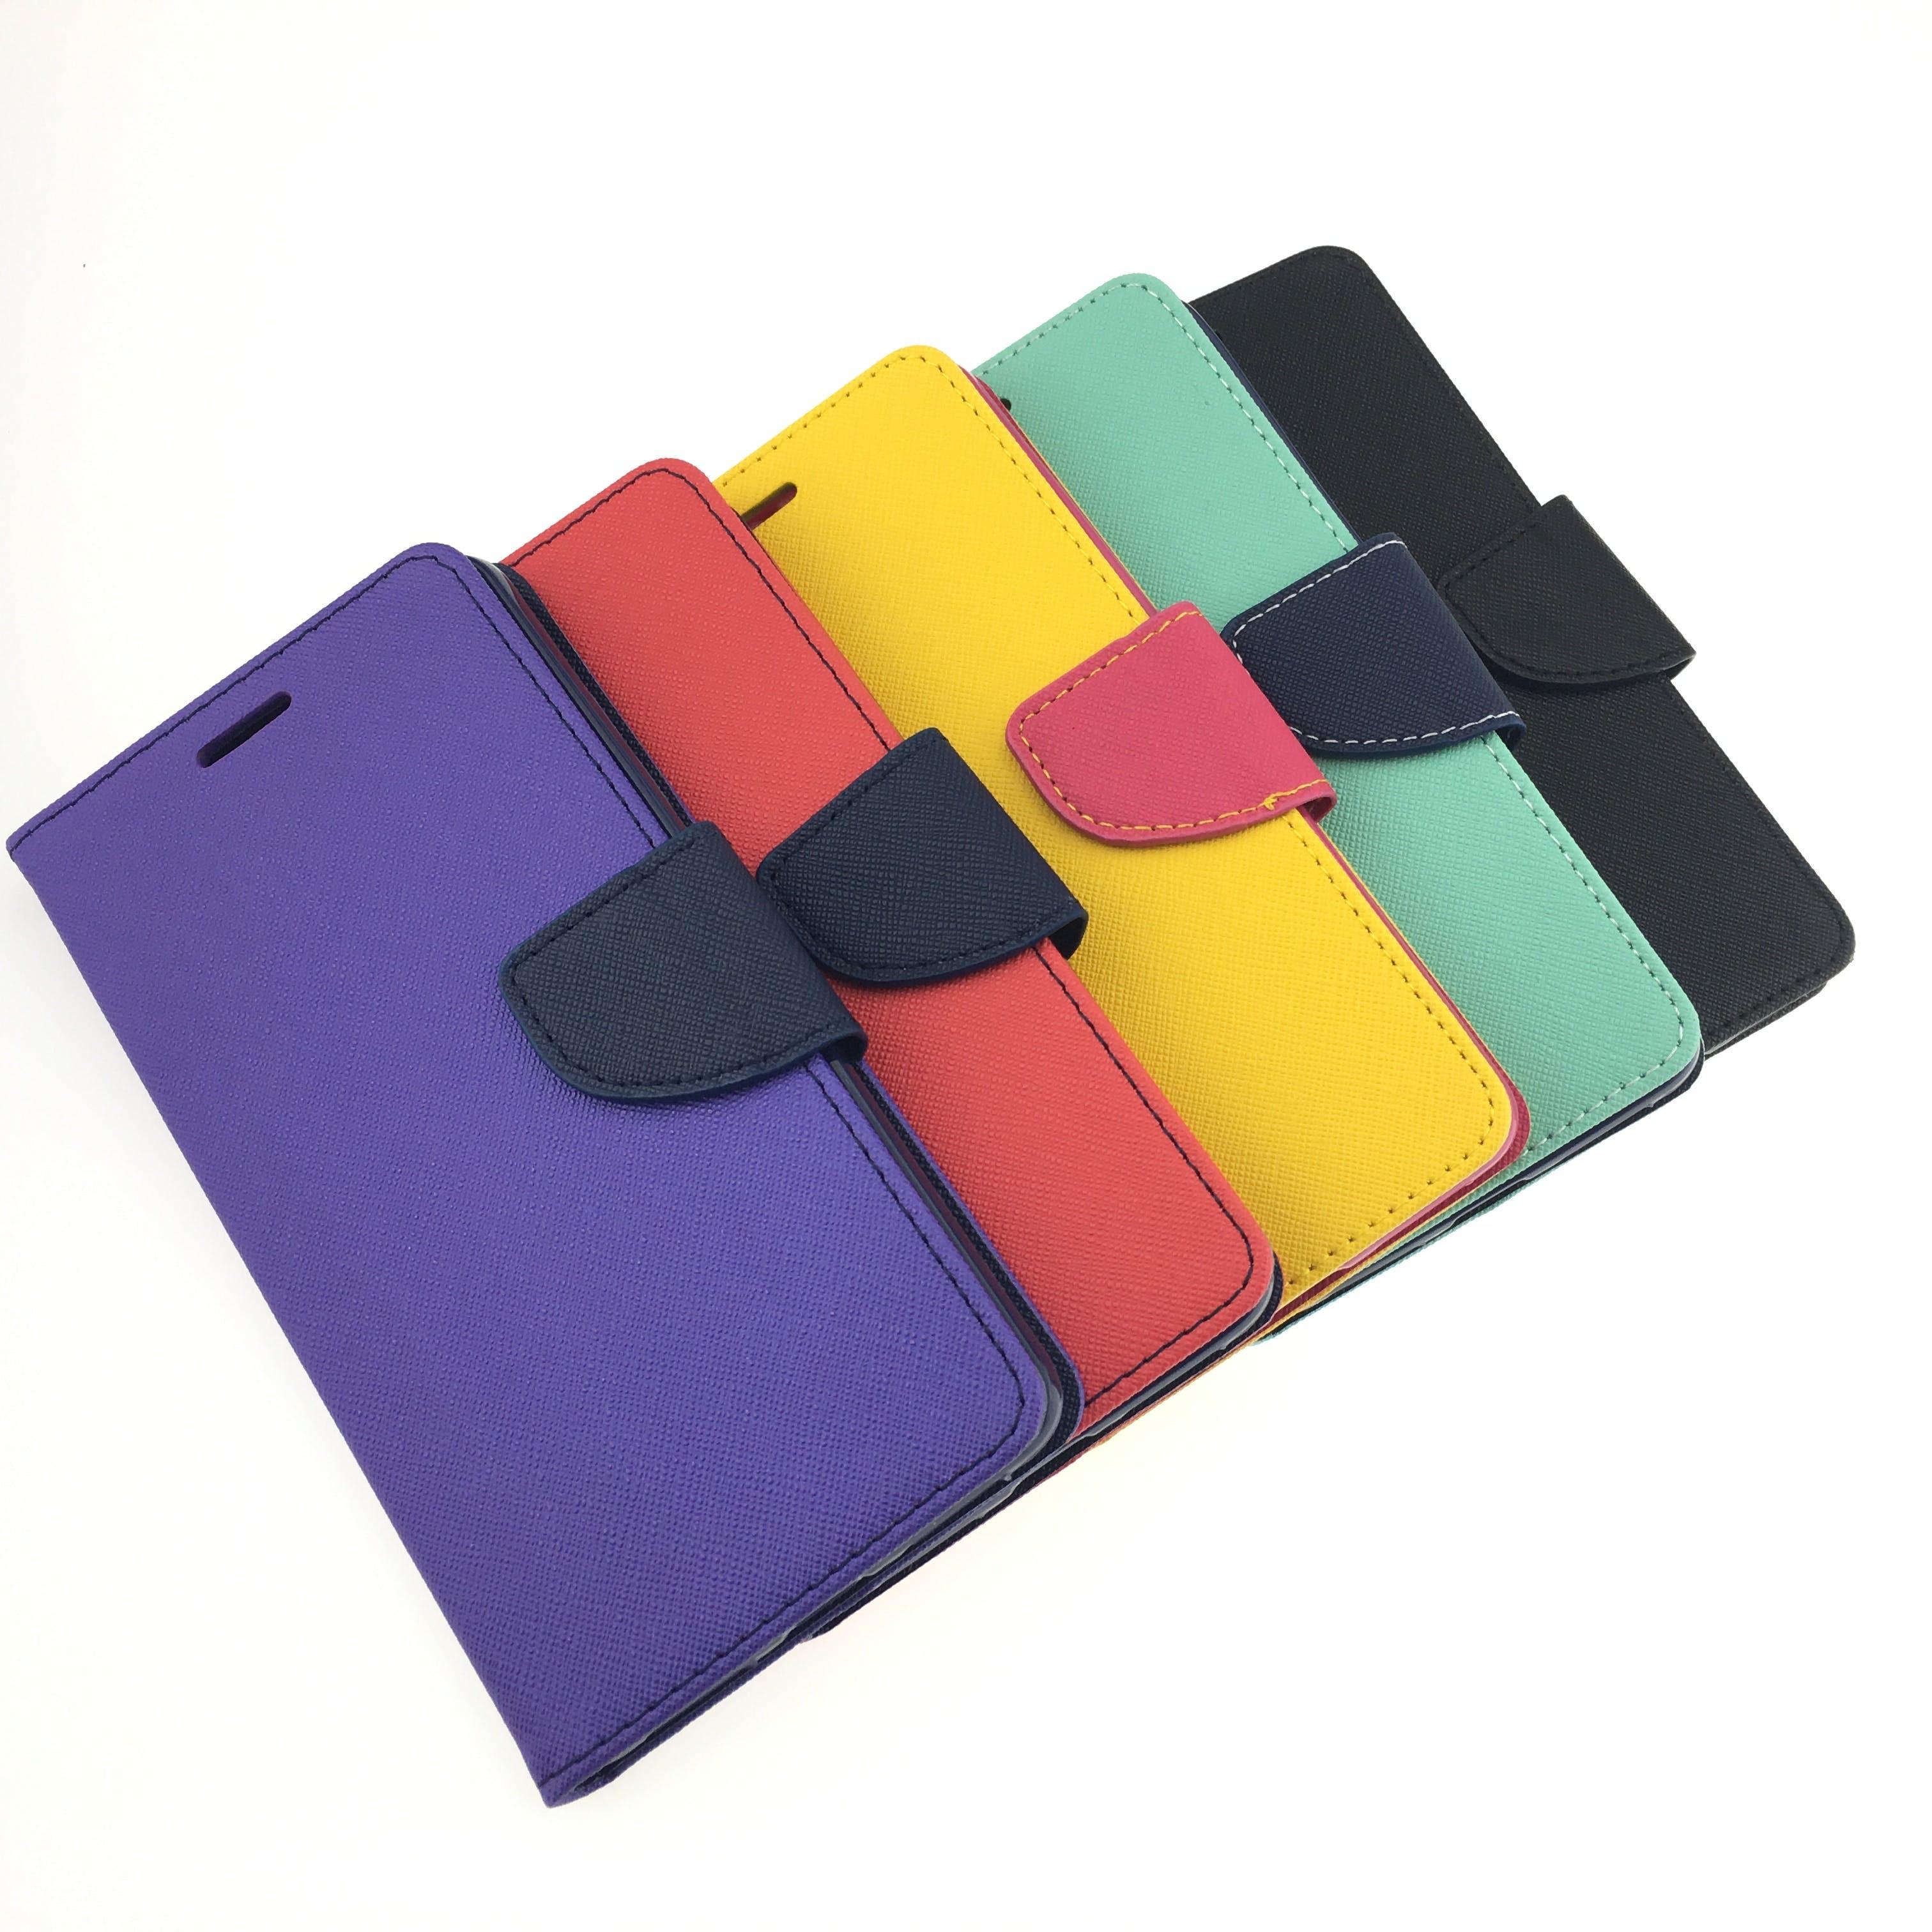 online store b596c cea0a Leather Wallet Case - Google Pixel 2 XL